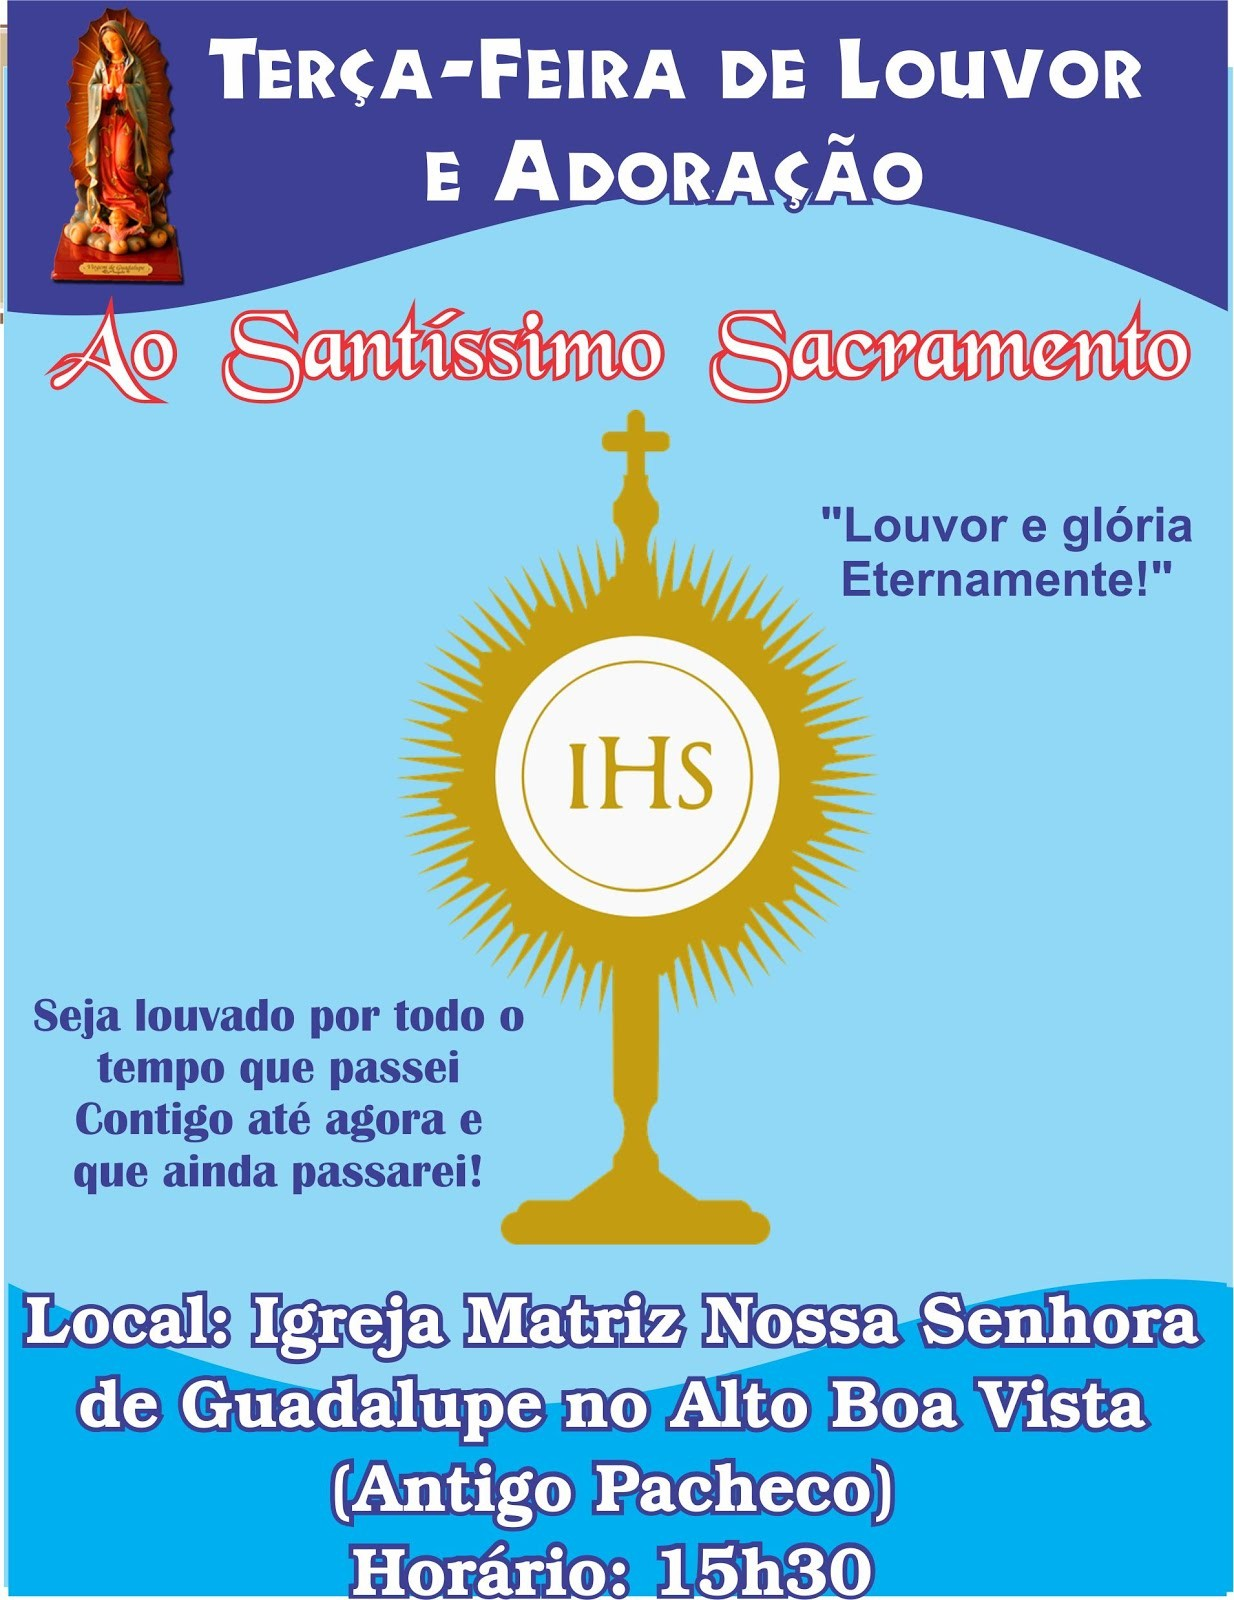 Calendário 2019 Com Feriados Nacionais E Municipais Actual Nhora De Guadalupe Ilhéus Par³quia Nossa Se